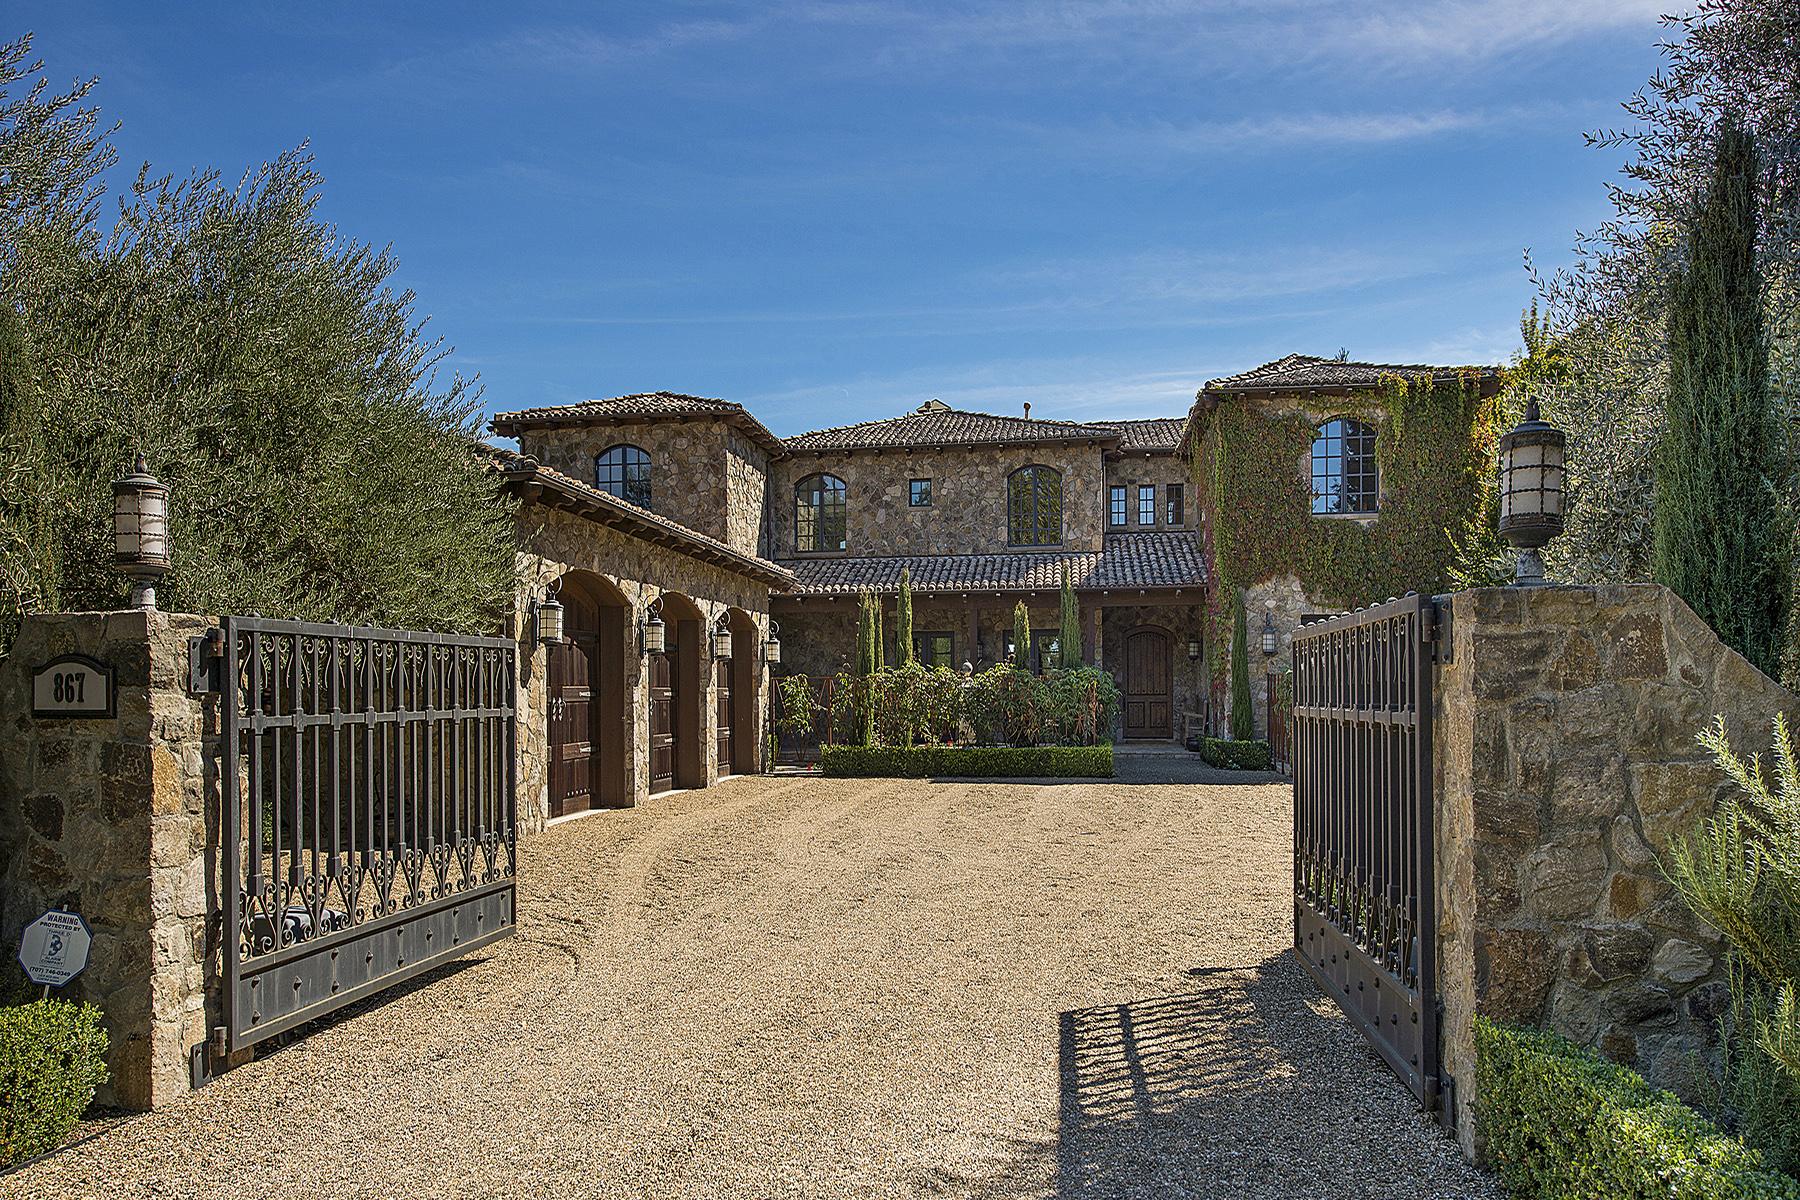 Casa Unifamiliar por un Venta en A Wine Country Villa With Modern Flair 867 White Ln St. Helena, California 94574 Estados Unidos